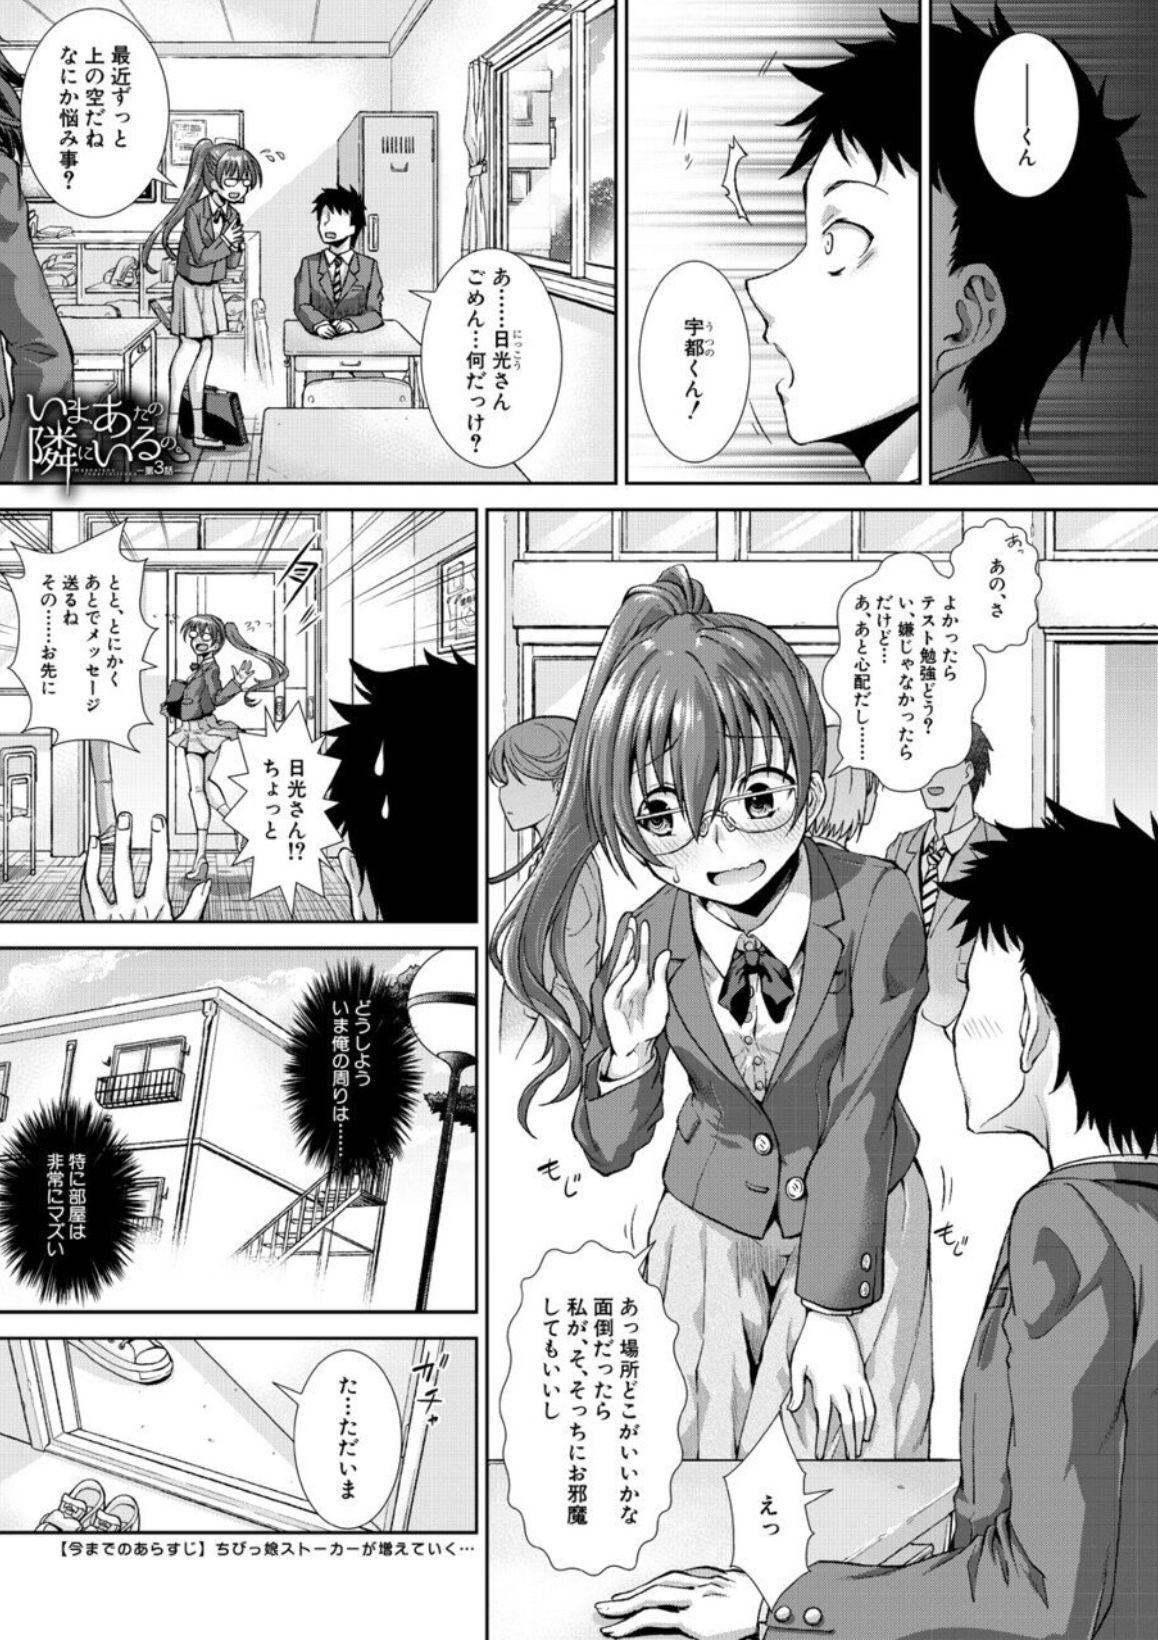 Ima, Anata no Tonari ni Iru no. | Right Now, By Your Side. Ch. 3 0